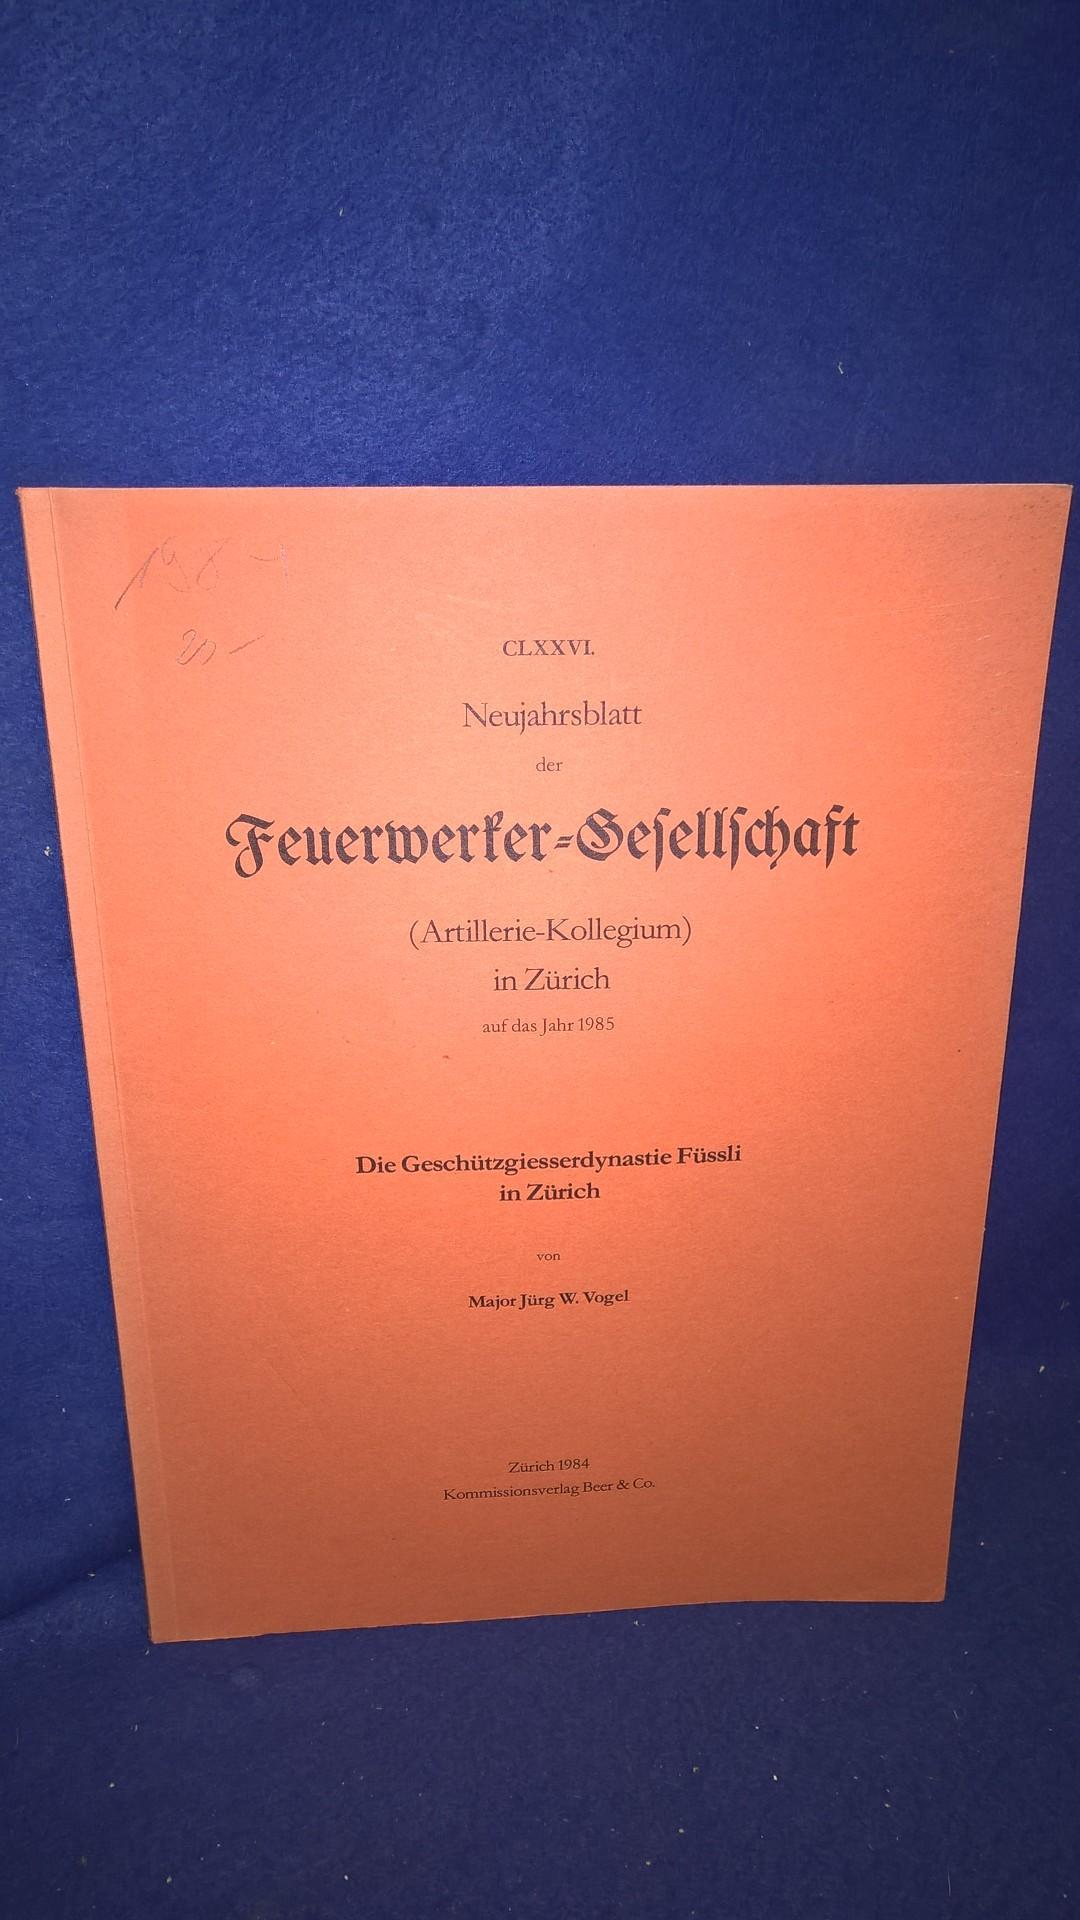 Die Geschützgiesserdynastie Füssli in Zürich. Aus der Reihe: Neujahrsblatt der Feuerwerker-Gesellschaft ( Artillerie-Kollegium ) in Zürich auf das Jahr 1985.